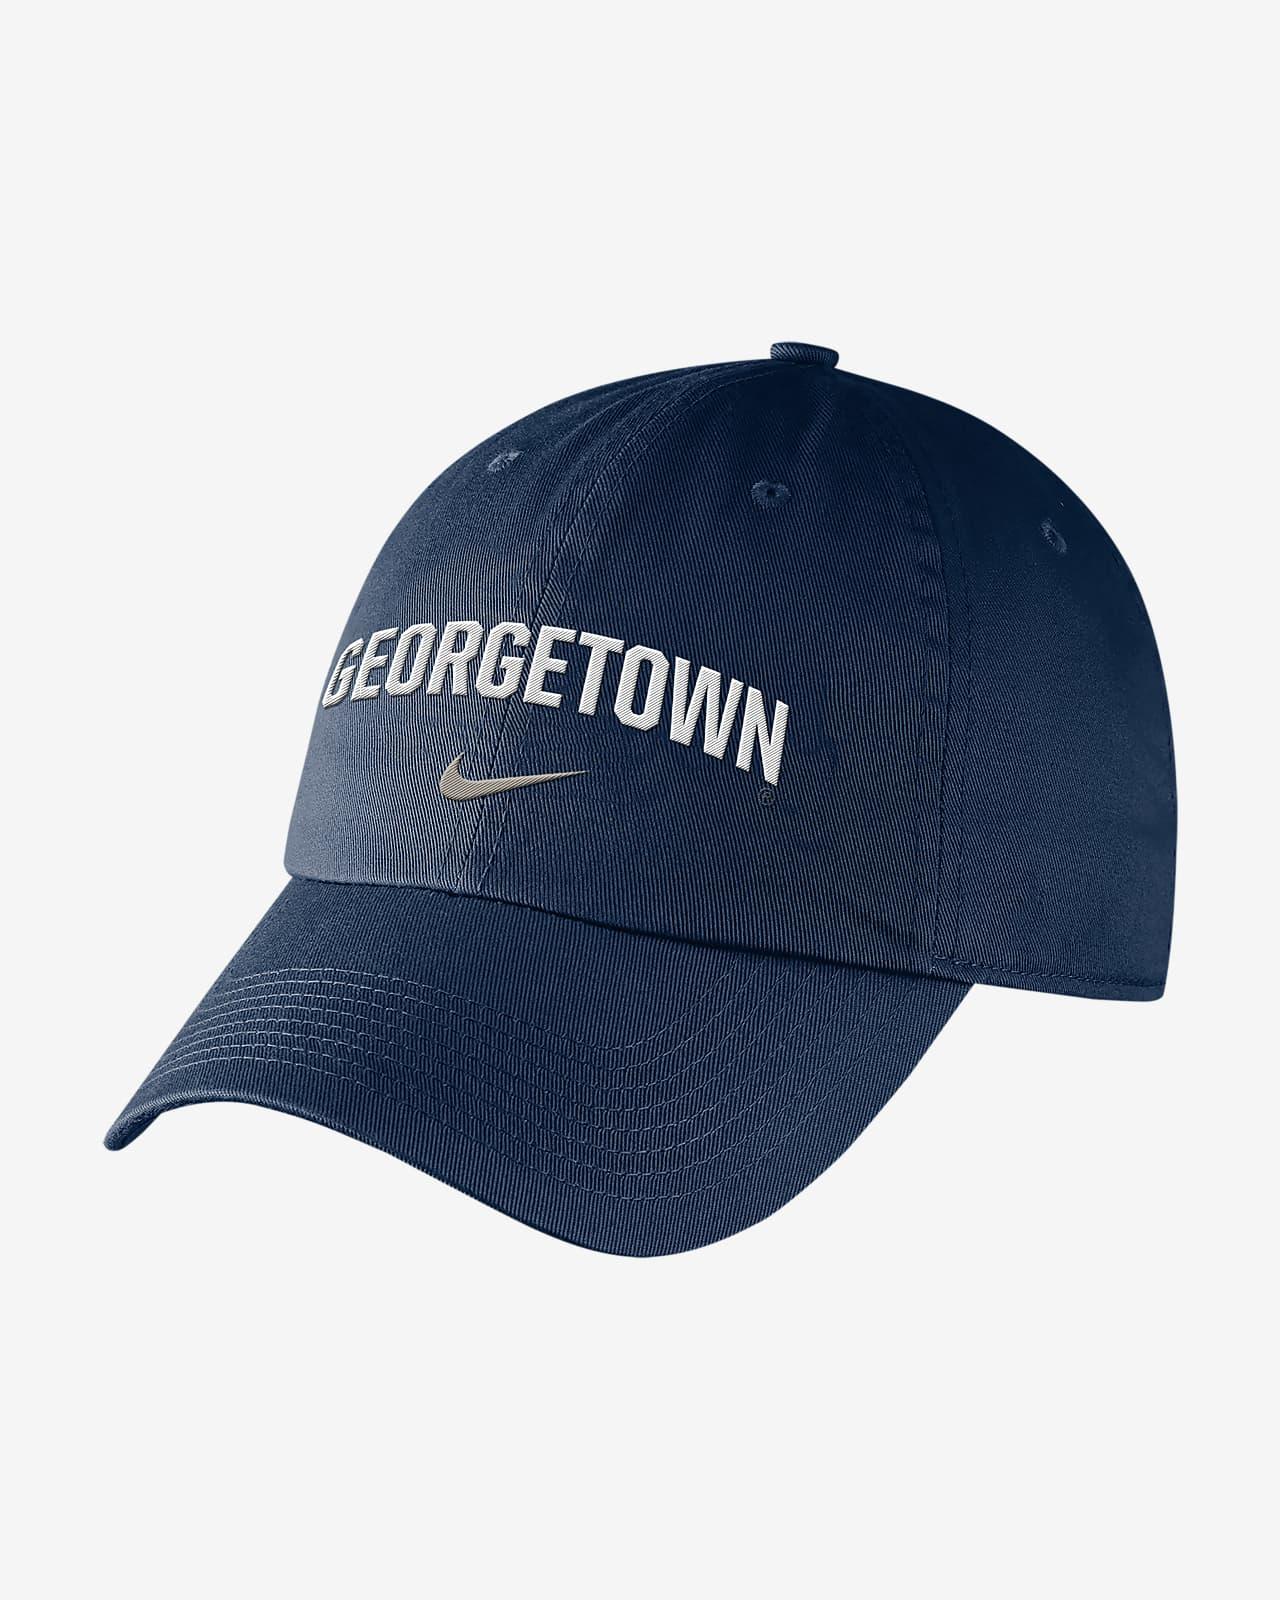 Nike College (Georgetown) Hat